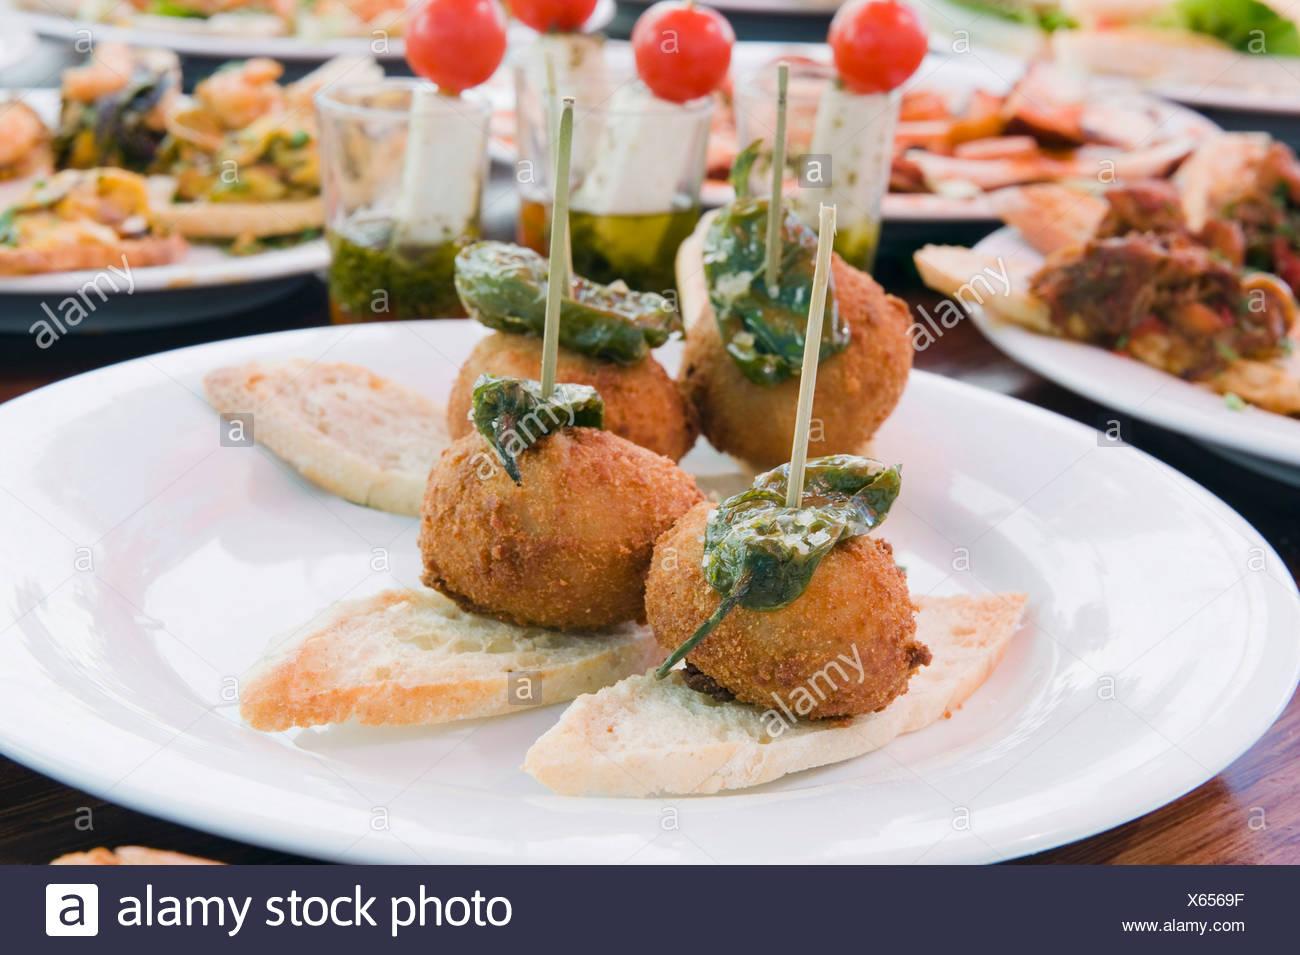 Tapas, spanische Küche, Teguise, Lanzarote, Kanarische Inseln, Spanien, Europa Stockbild